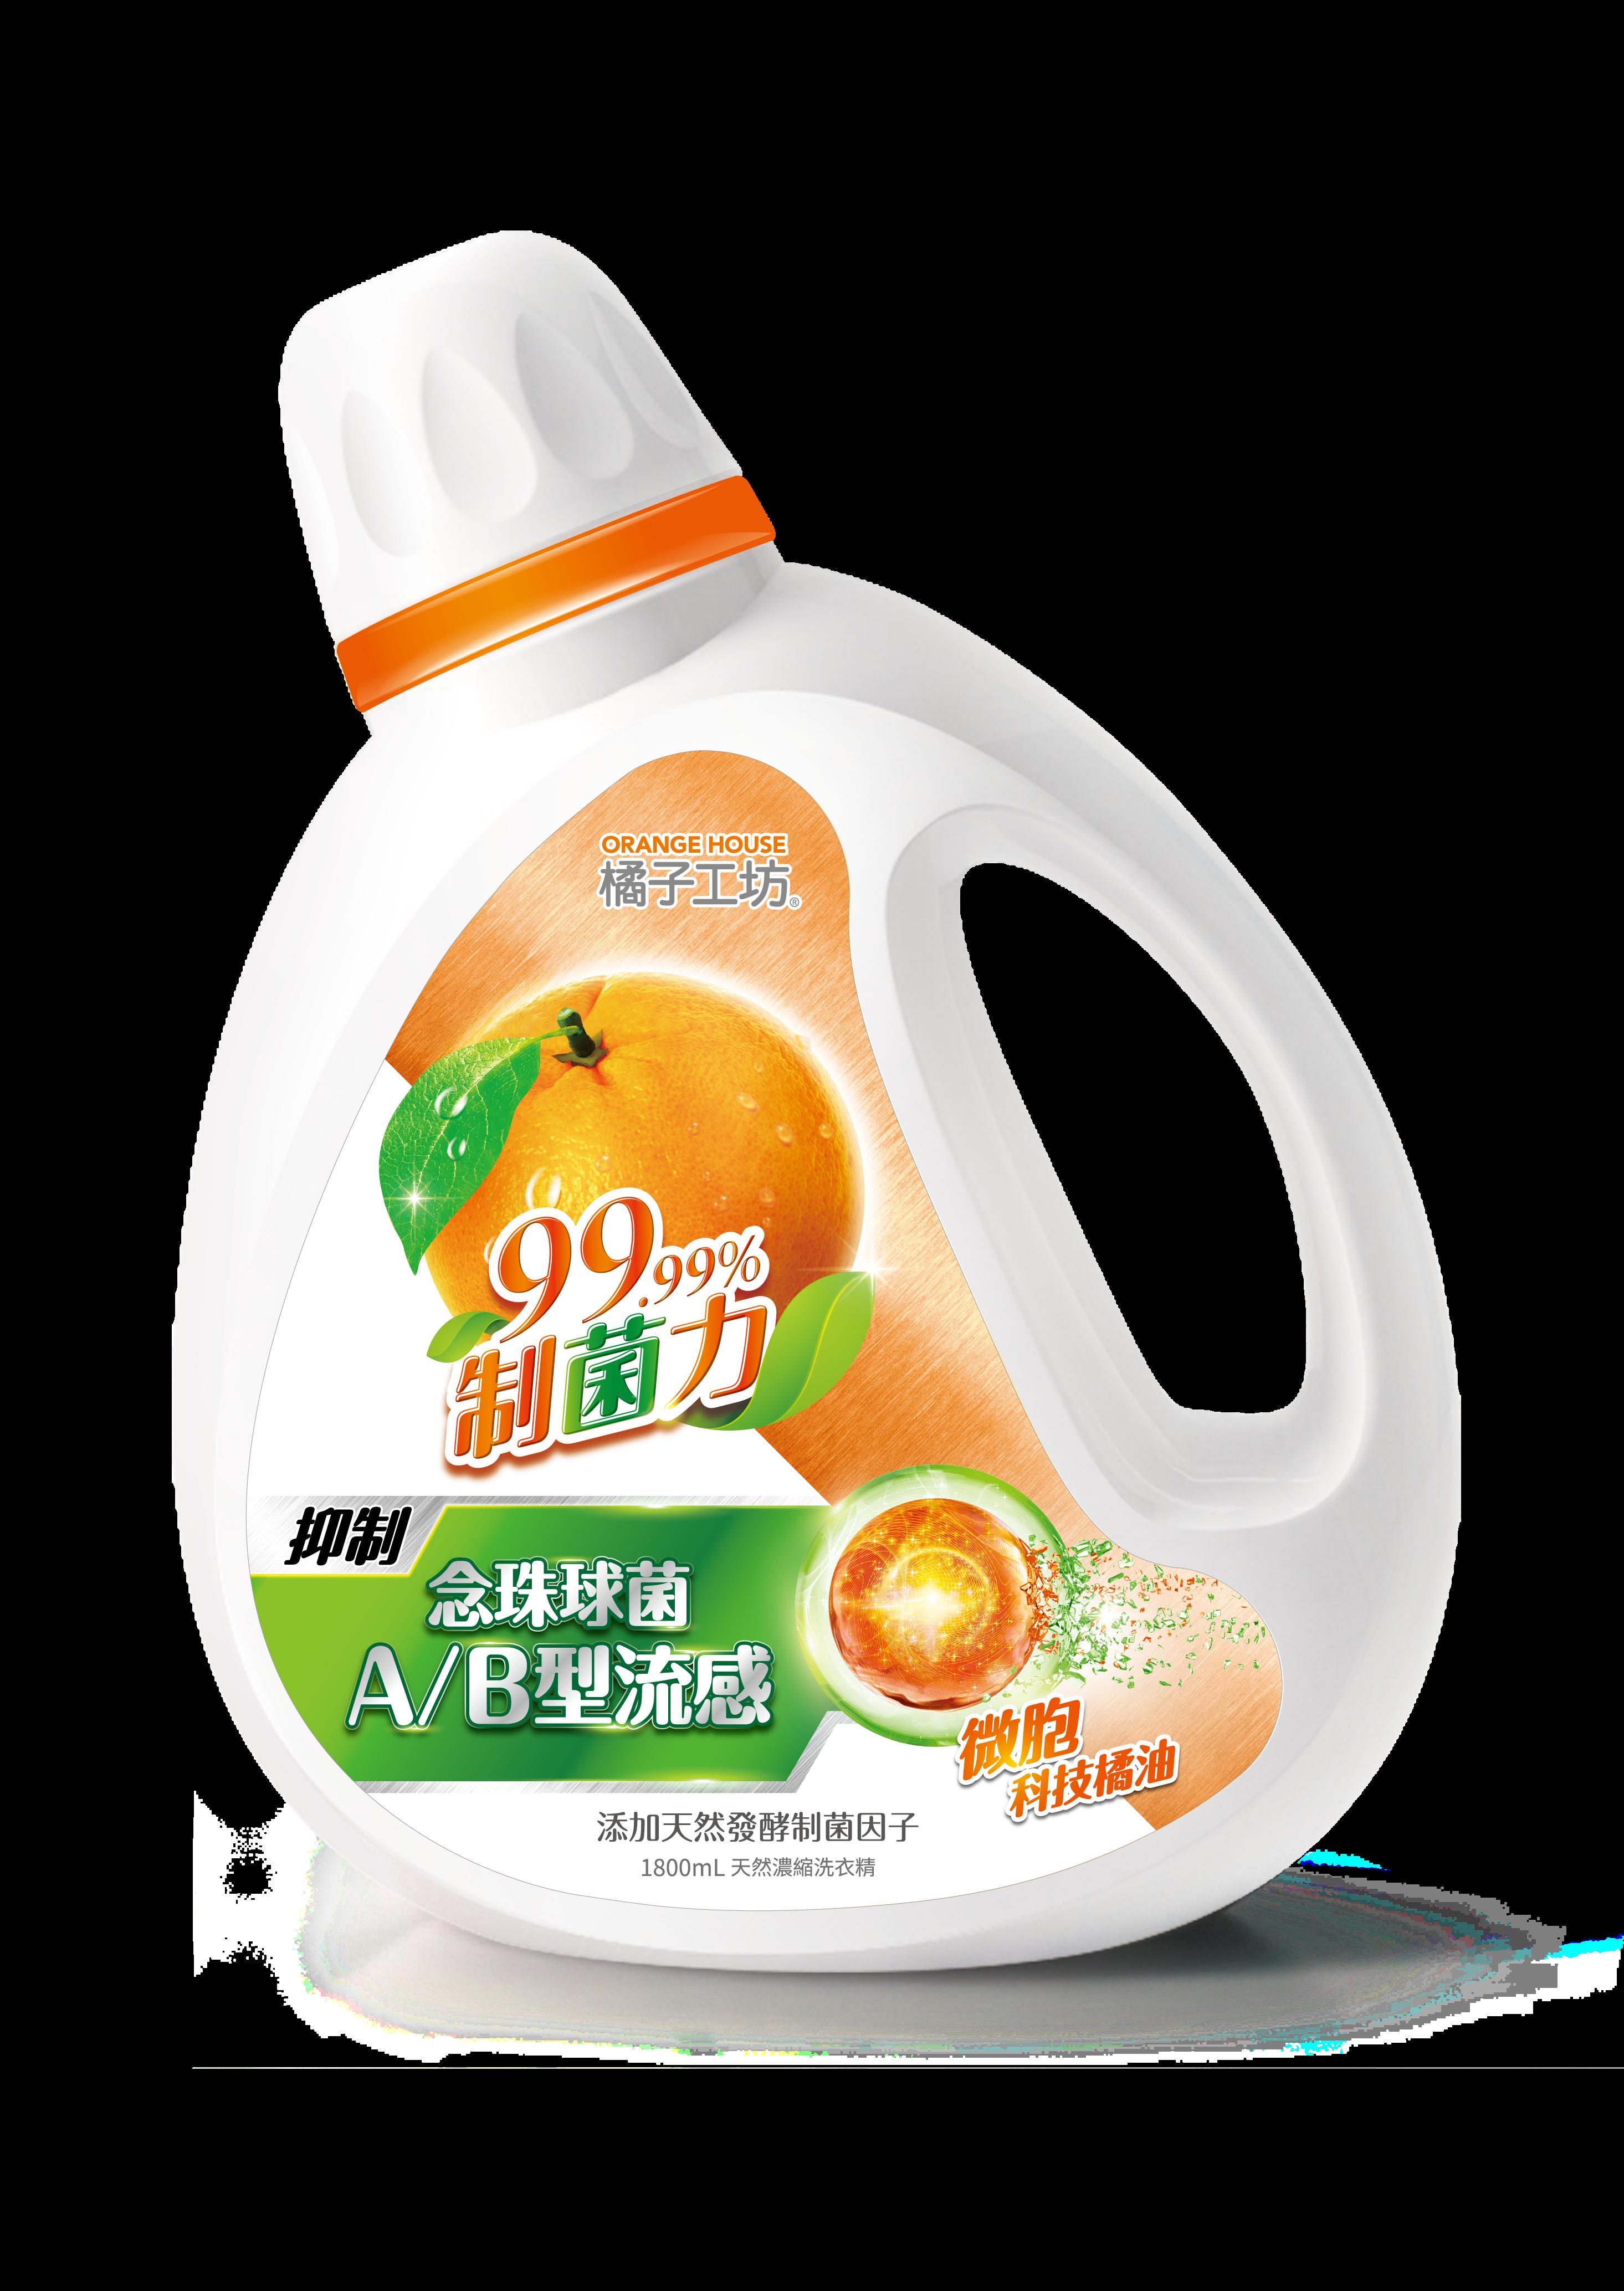 橘子工坊天然濃縮洗衣精-制菌力 1800ml